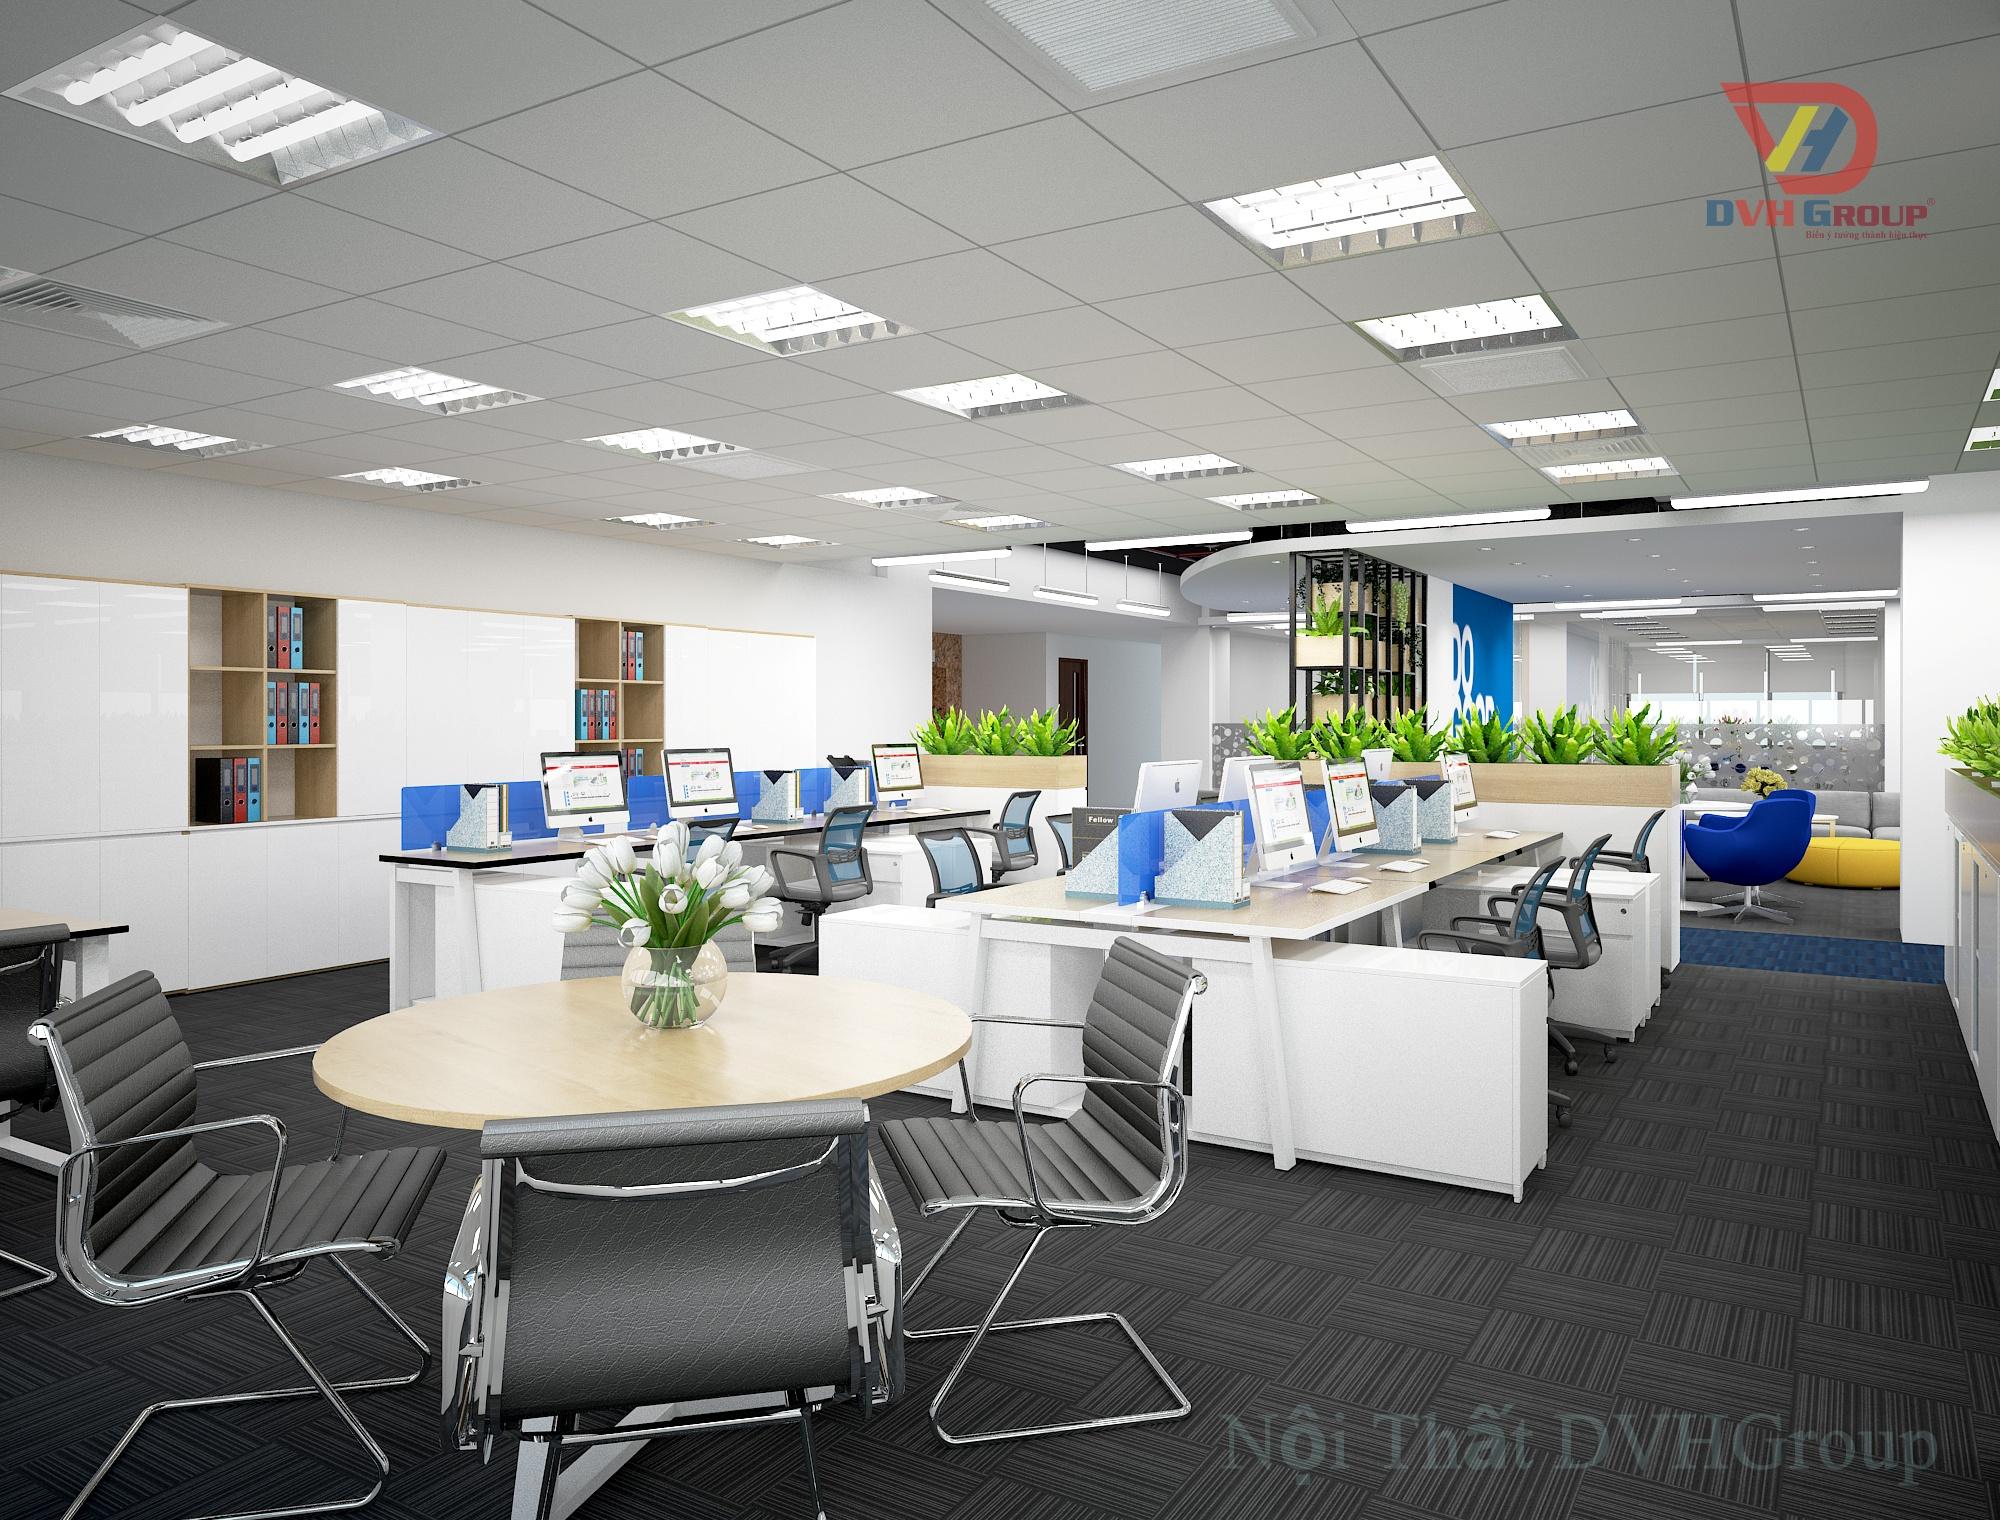 Thiết kế nội thất văn phòng tại TP Hồ Chí Minh